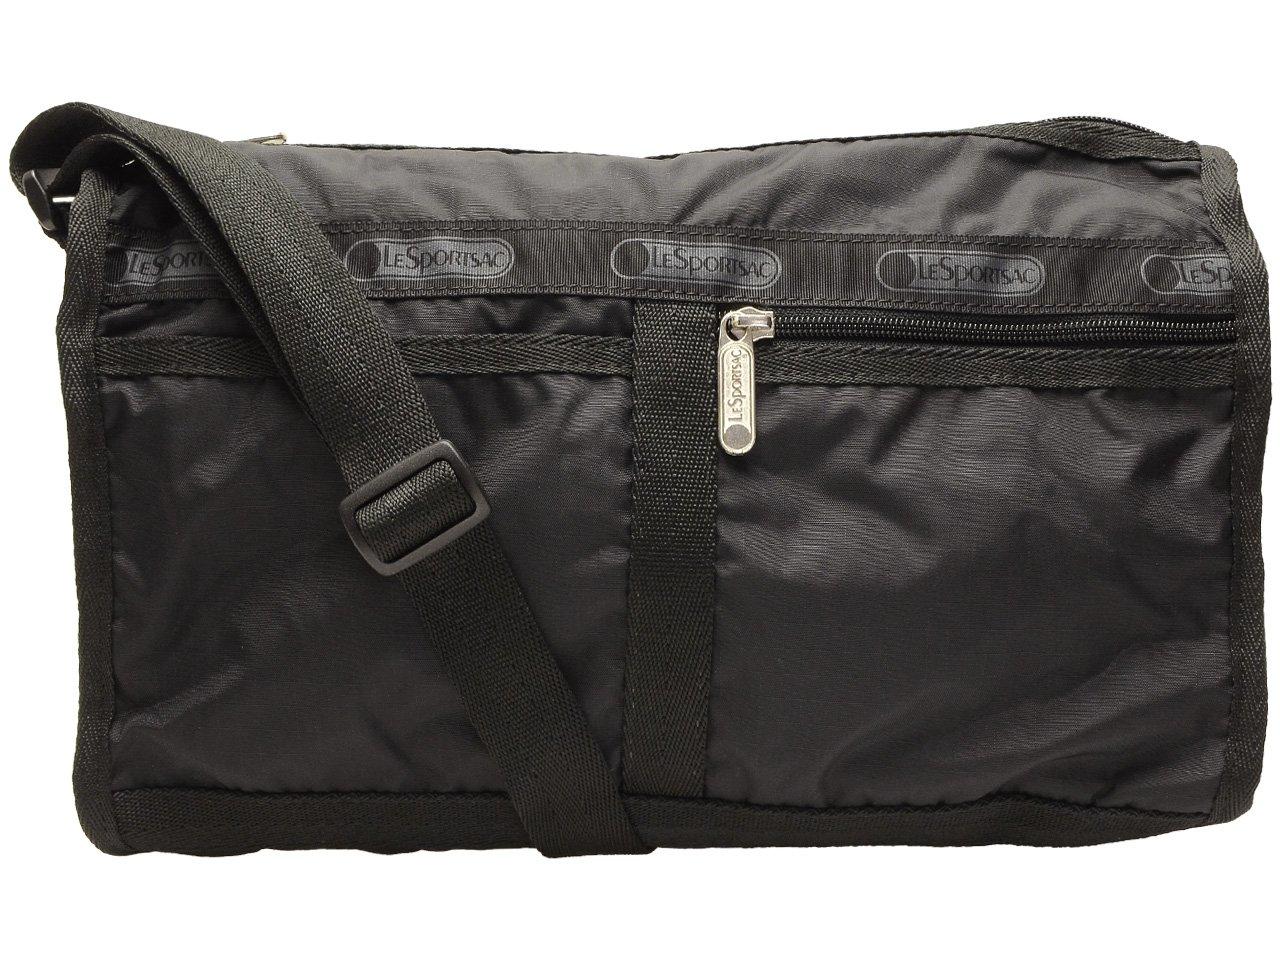 (レスポートサック) LeSportsac バッグ 斜めがけ ショルダーバッグ Deluxe Shoulder Satchel デラックス ショルダー サッチェル レディース ナイロン 7519 ブランド [並行輸入品] B01FRYPEUO Black/5982 Black/5982